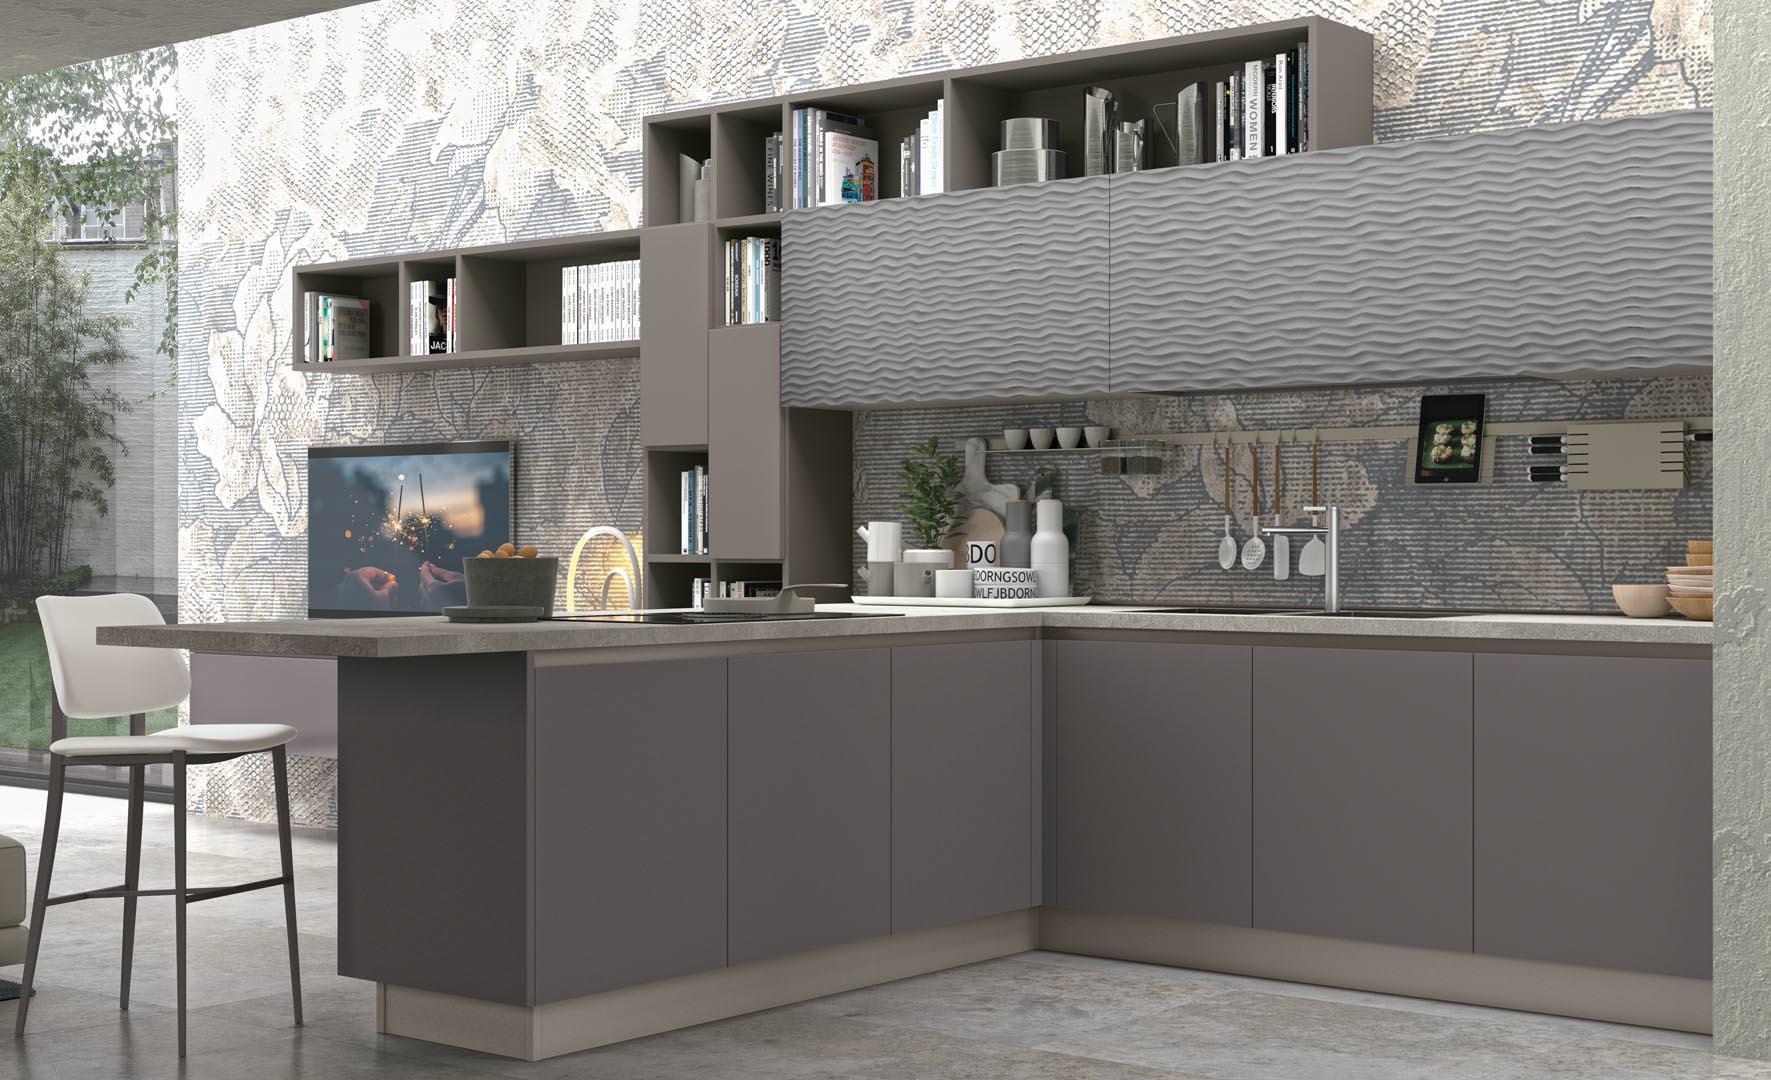 Novità Cucine moderne a Bari, ecco la collezione LUBE CLOVER LUX ...